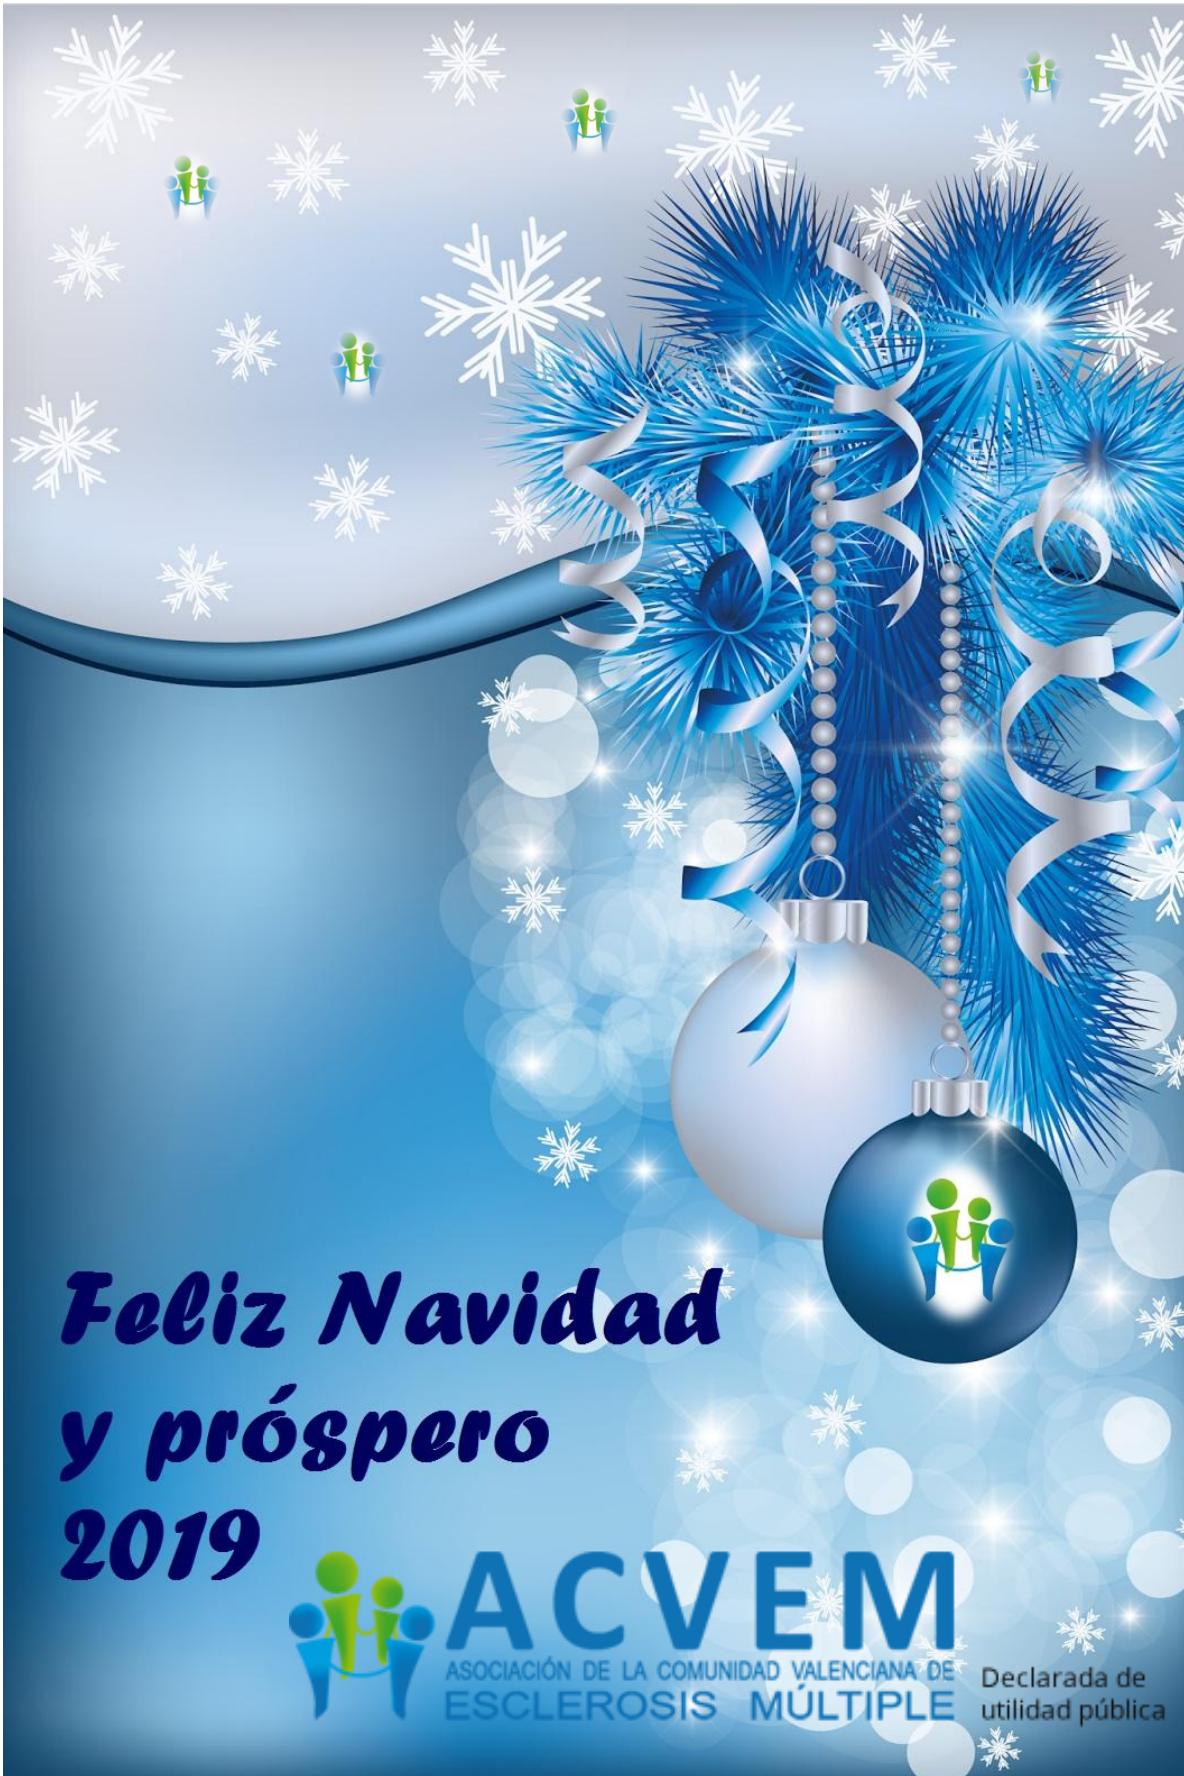 Imagenes Felicitacion Navidad 2019.Felicitacion Navidad 2019 Acvem